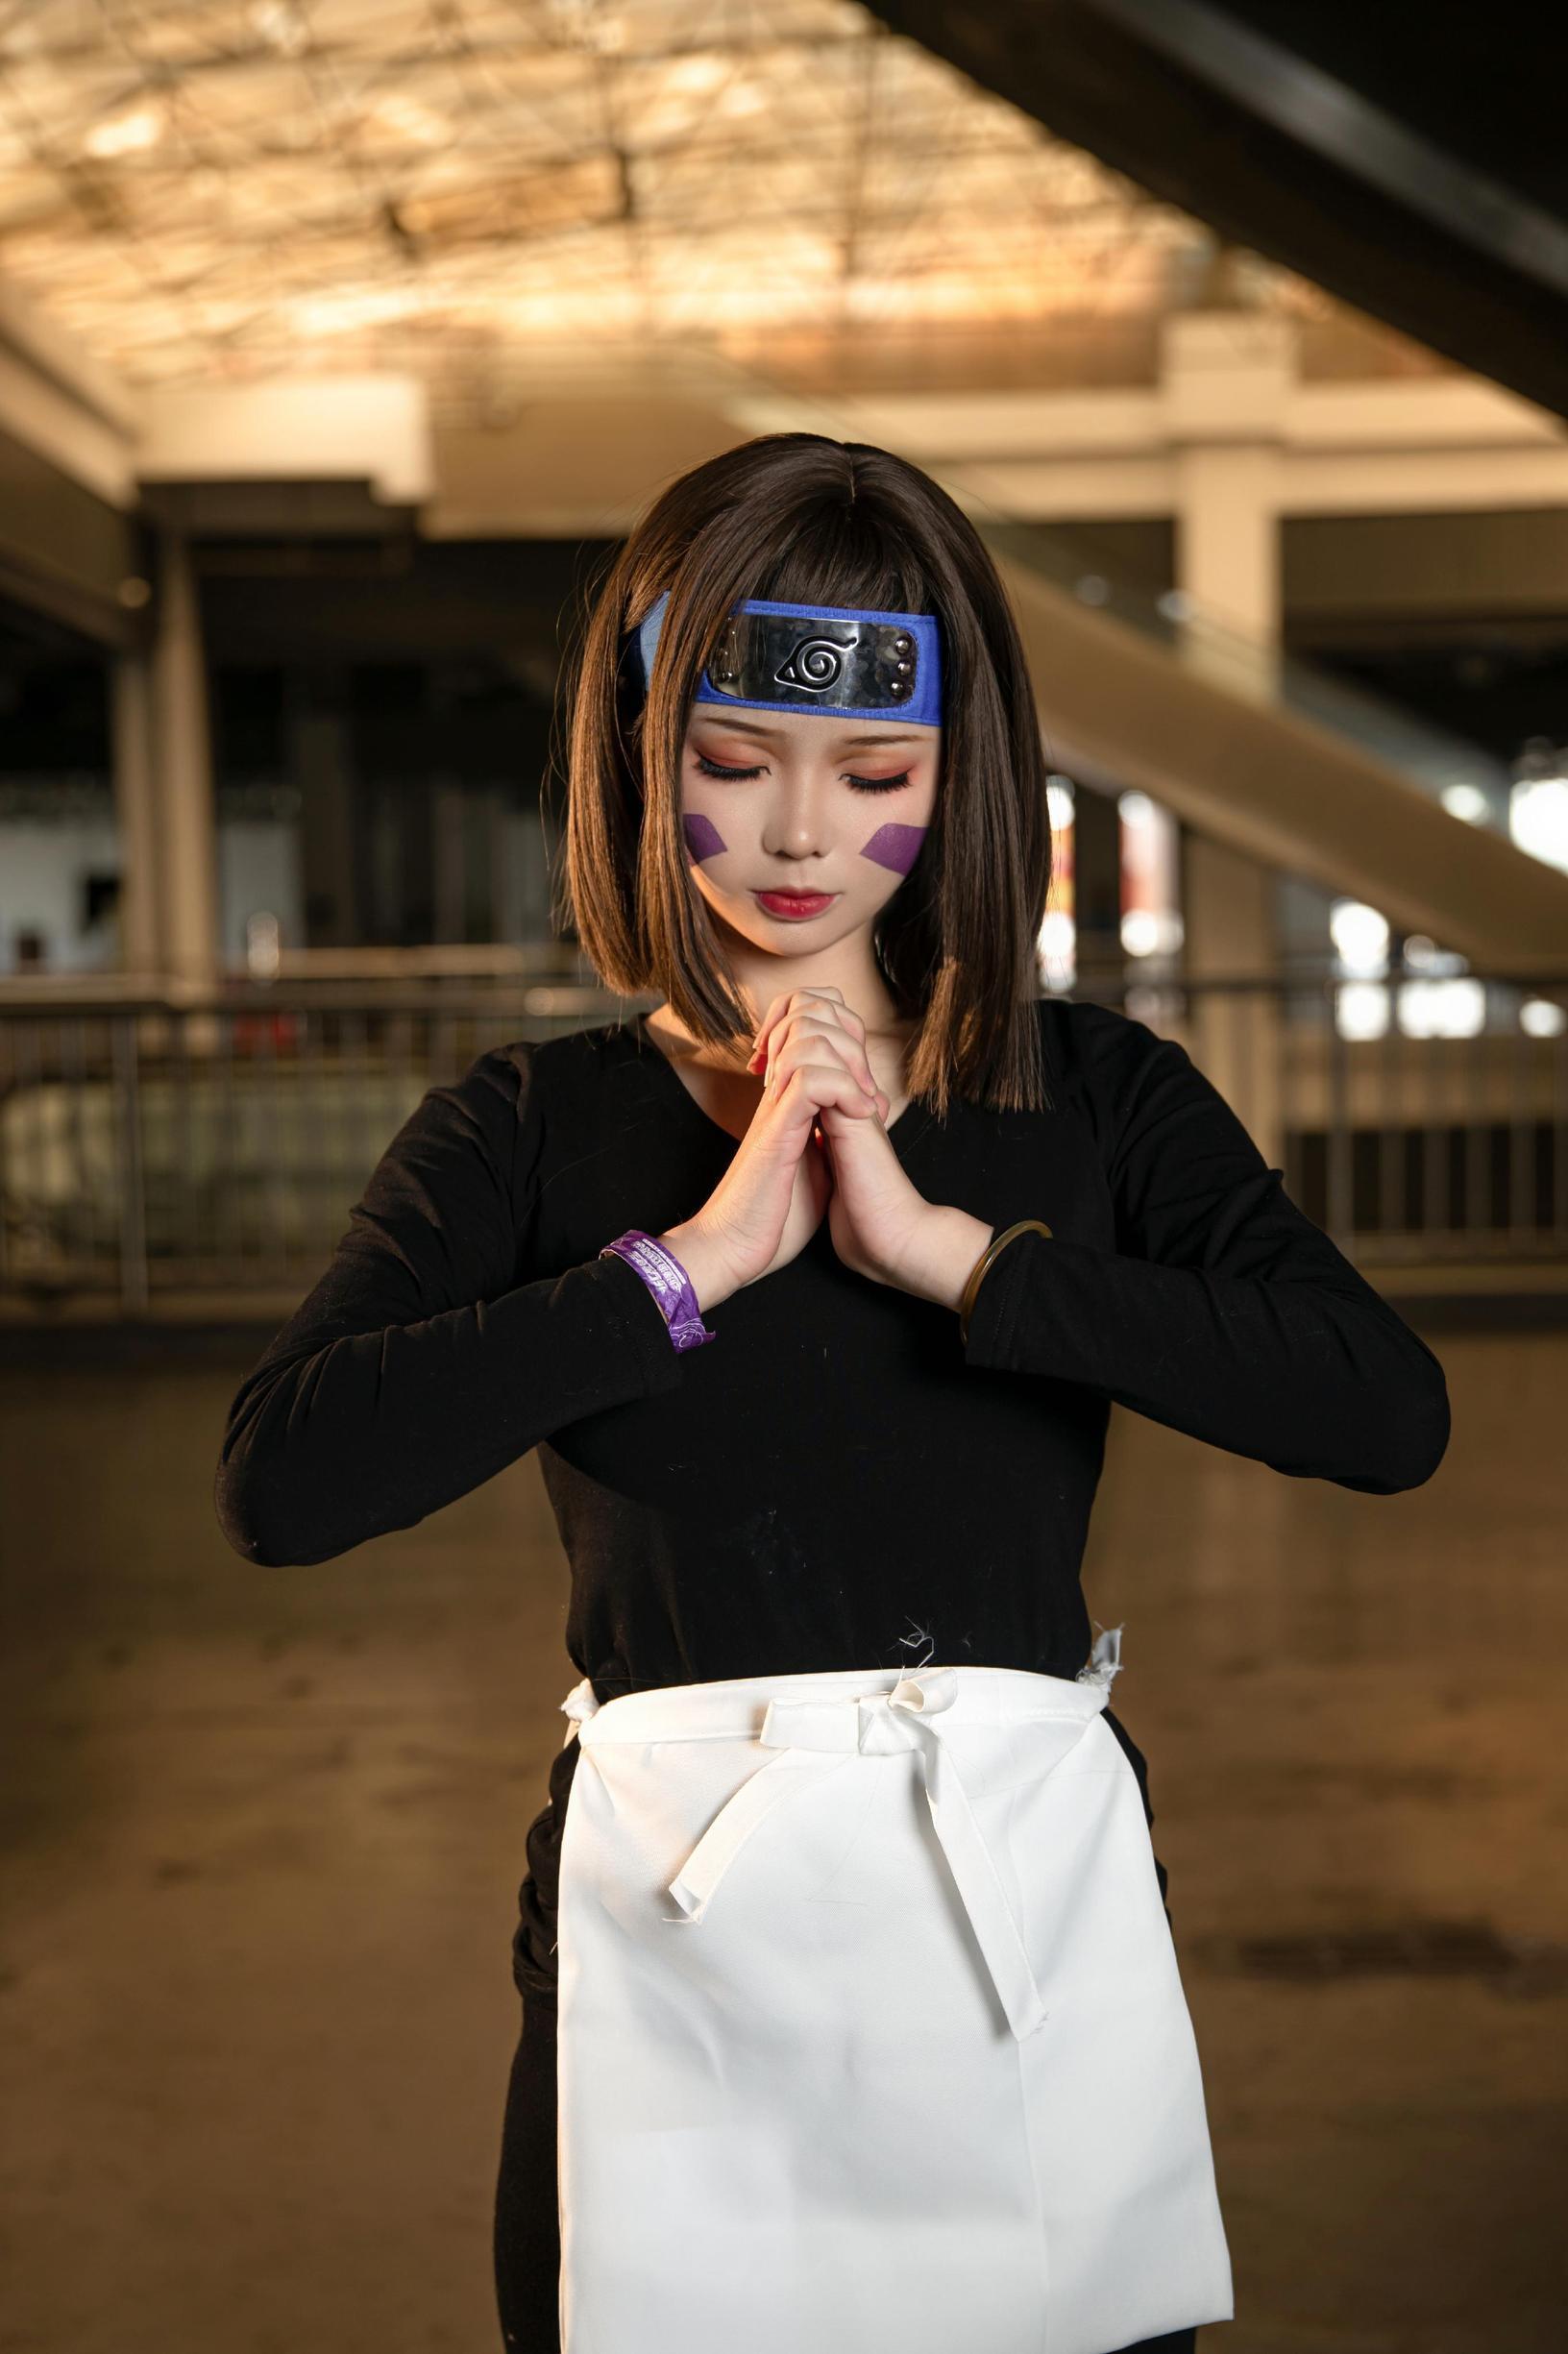 《火影忍者》漫展cosplay【CN:我想换个昵称咋老不过审】-第4张